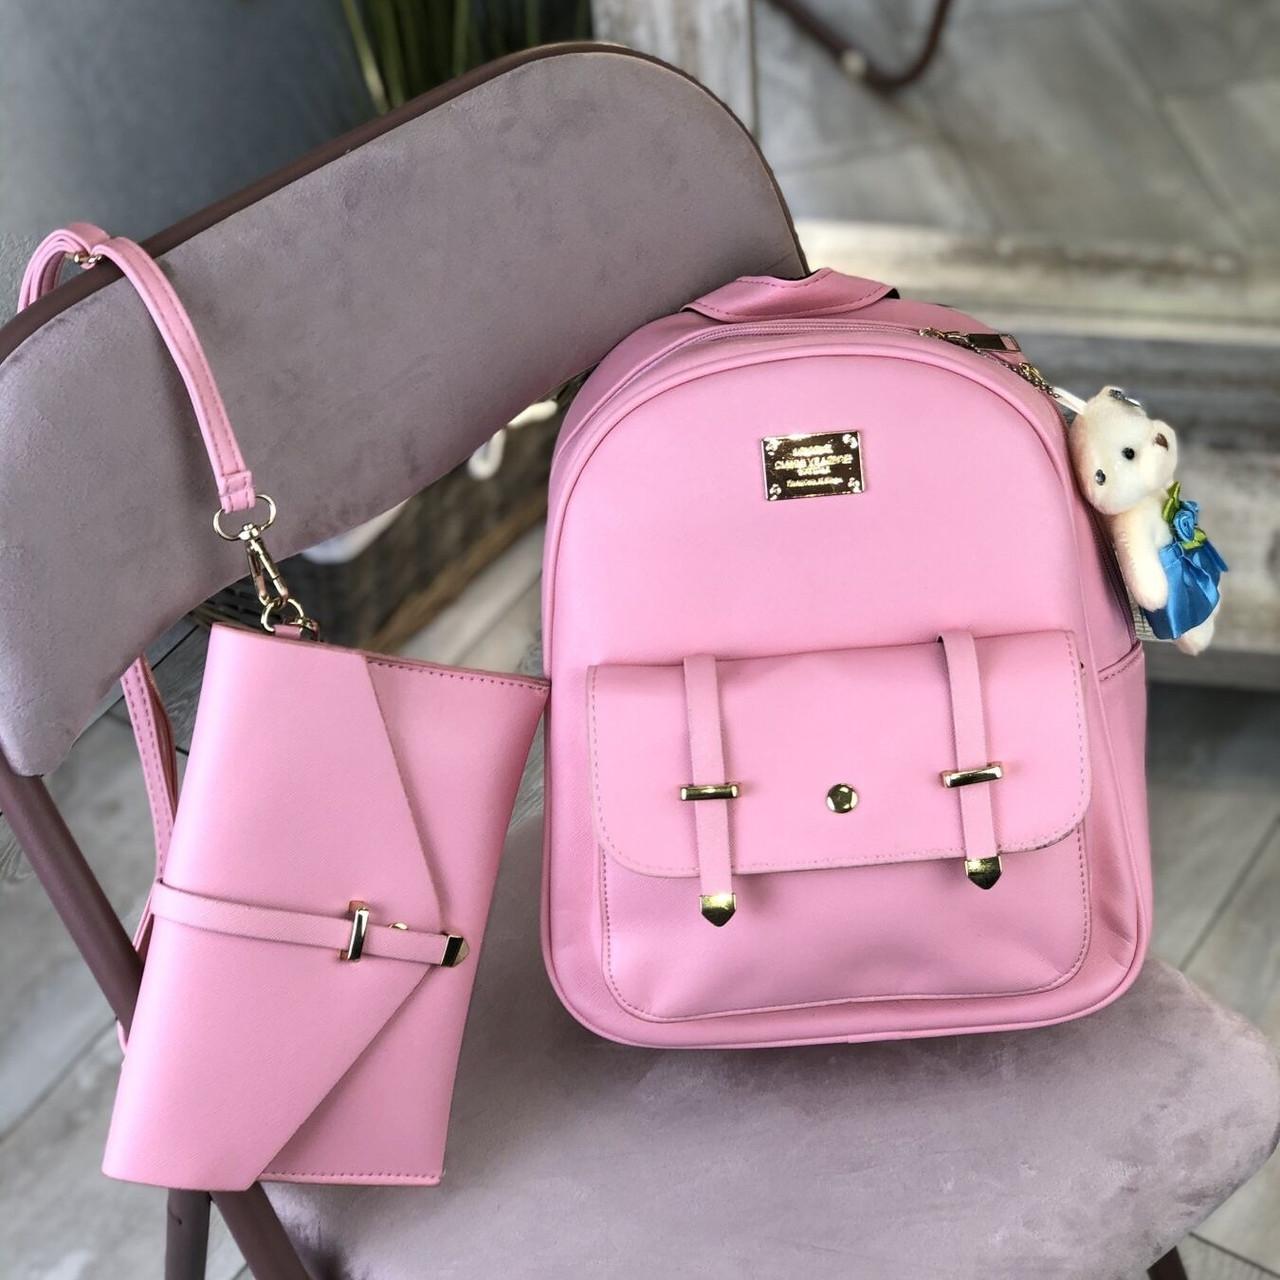 Жіночий рюкзак з сумочкою 2 в 1